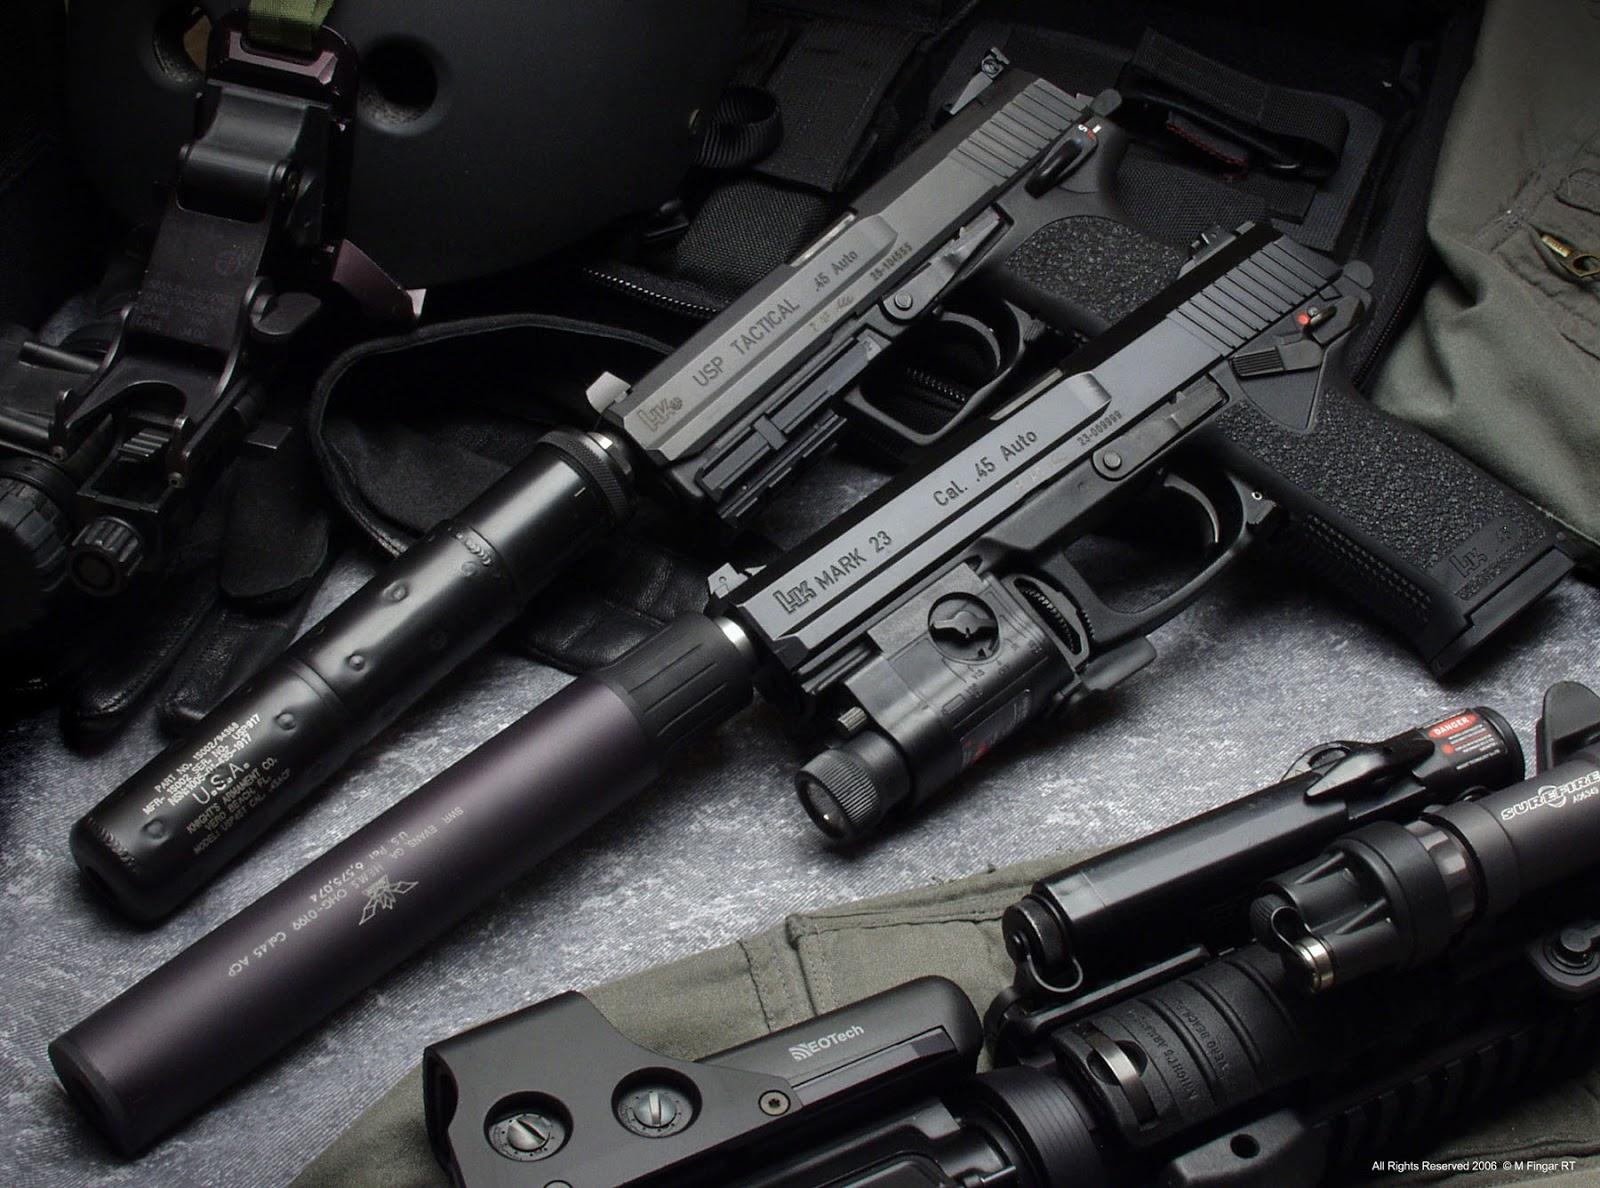 Guns Weapons Cool Guns Wallpapers 3 1600x1188